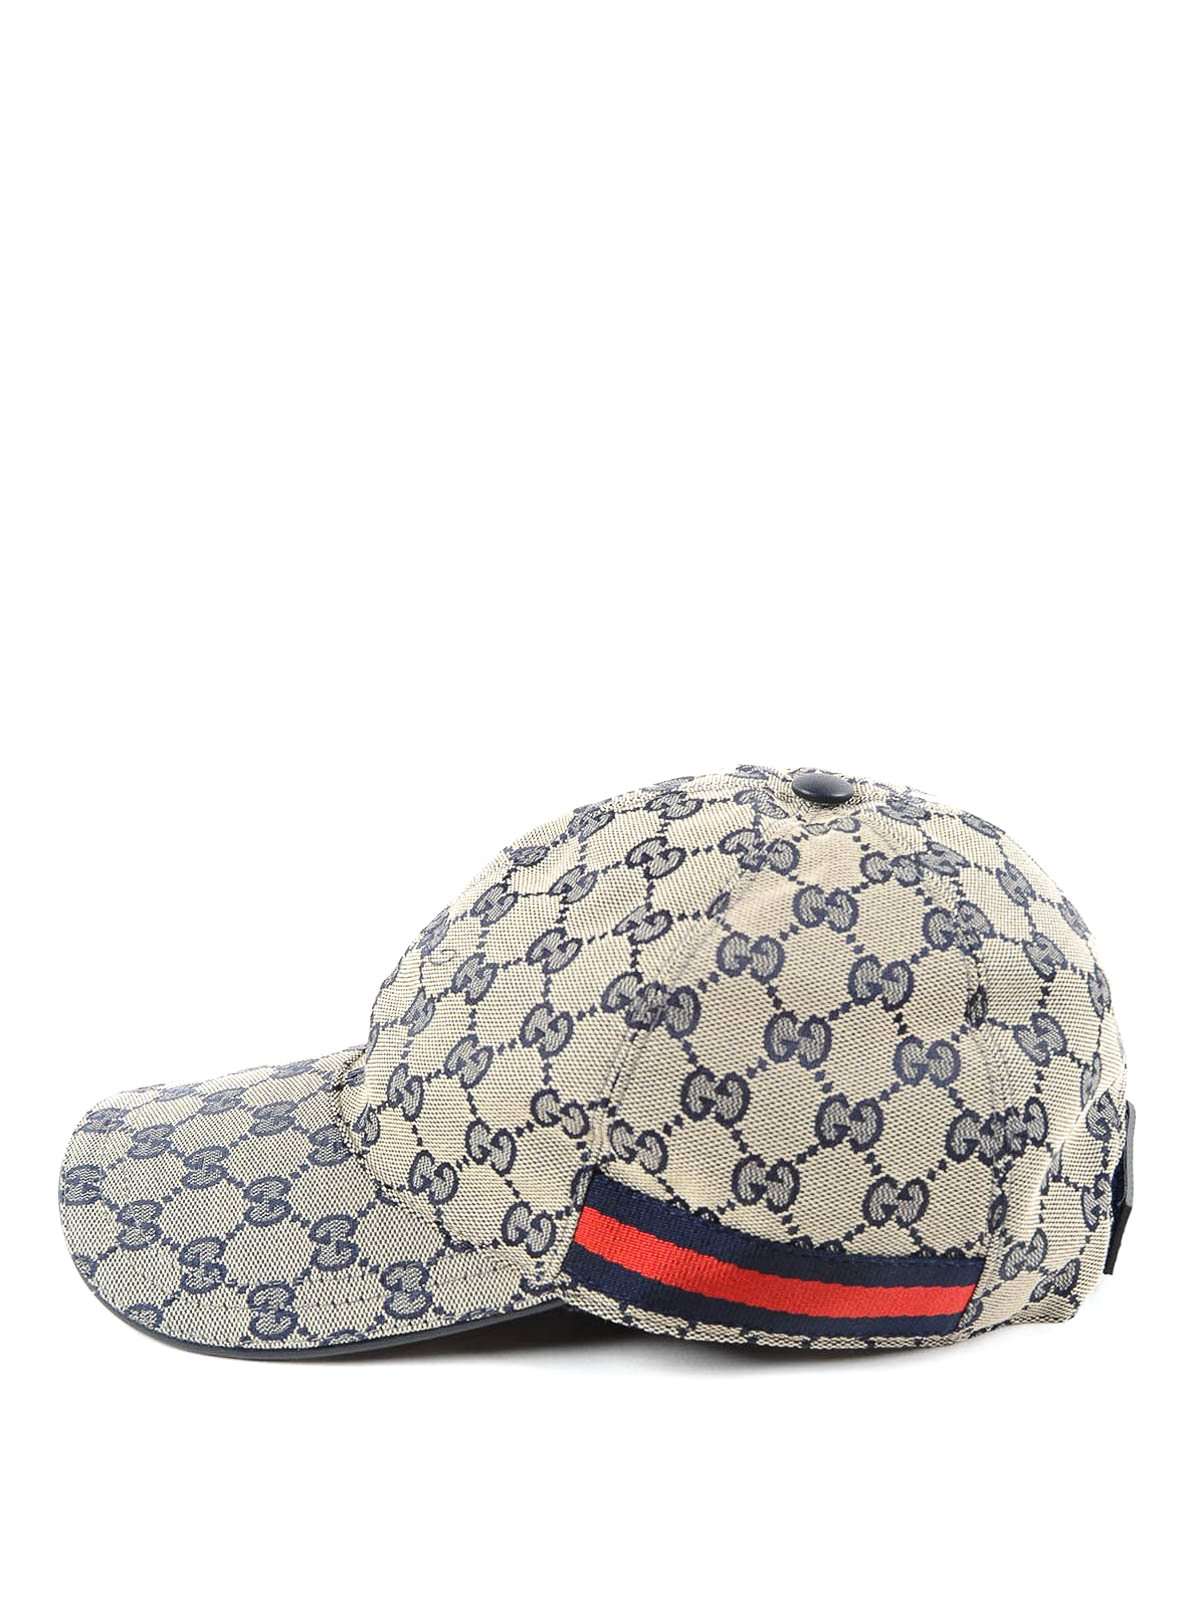 6fc94b8a Gucci - GG SUPREME BASEBALL HAT - hats & caps - 200035 KQW6G 4080